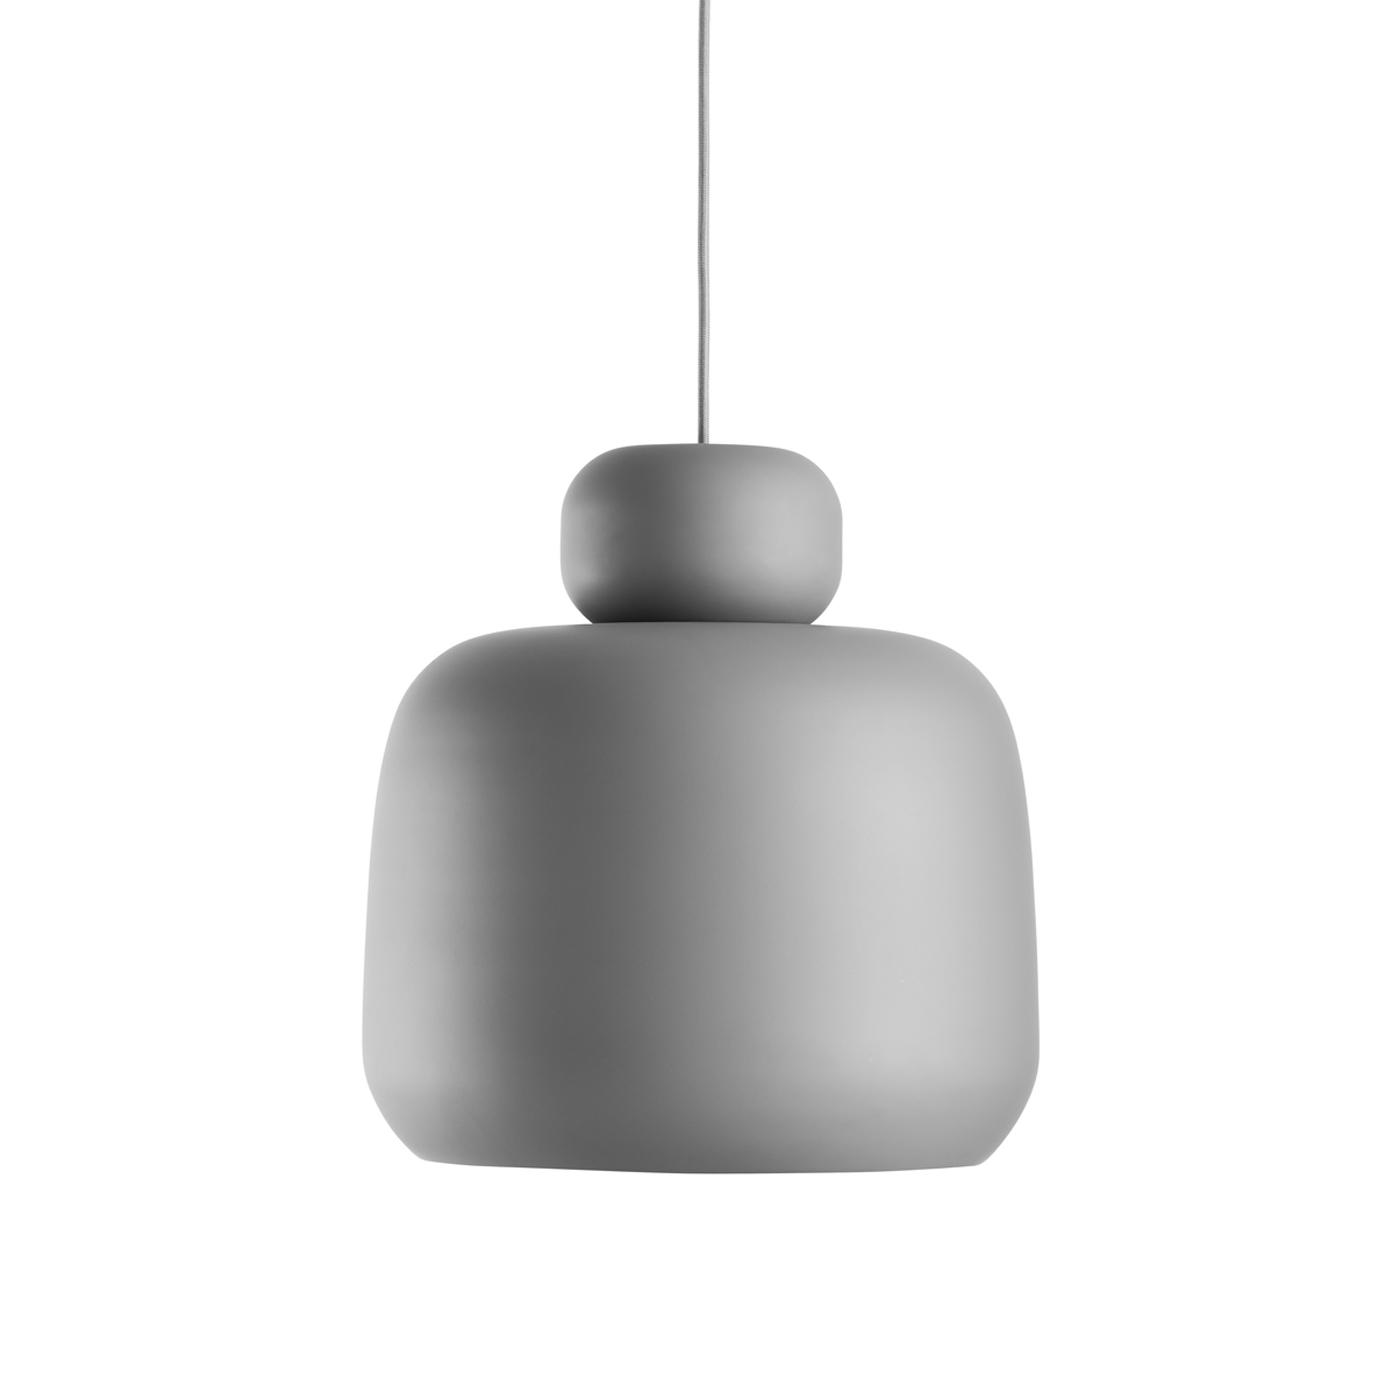 Woud Stone Loftlampe - Grå Metal, Rund (Ø36)